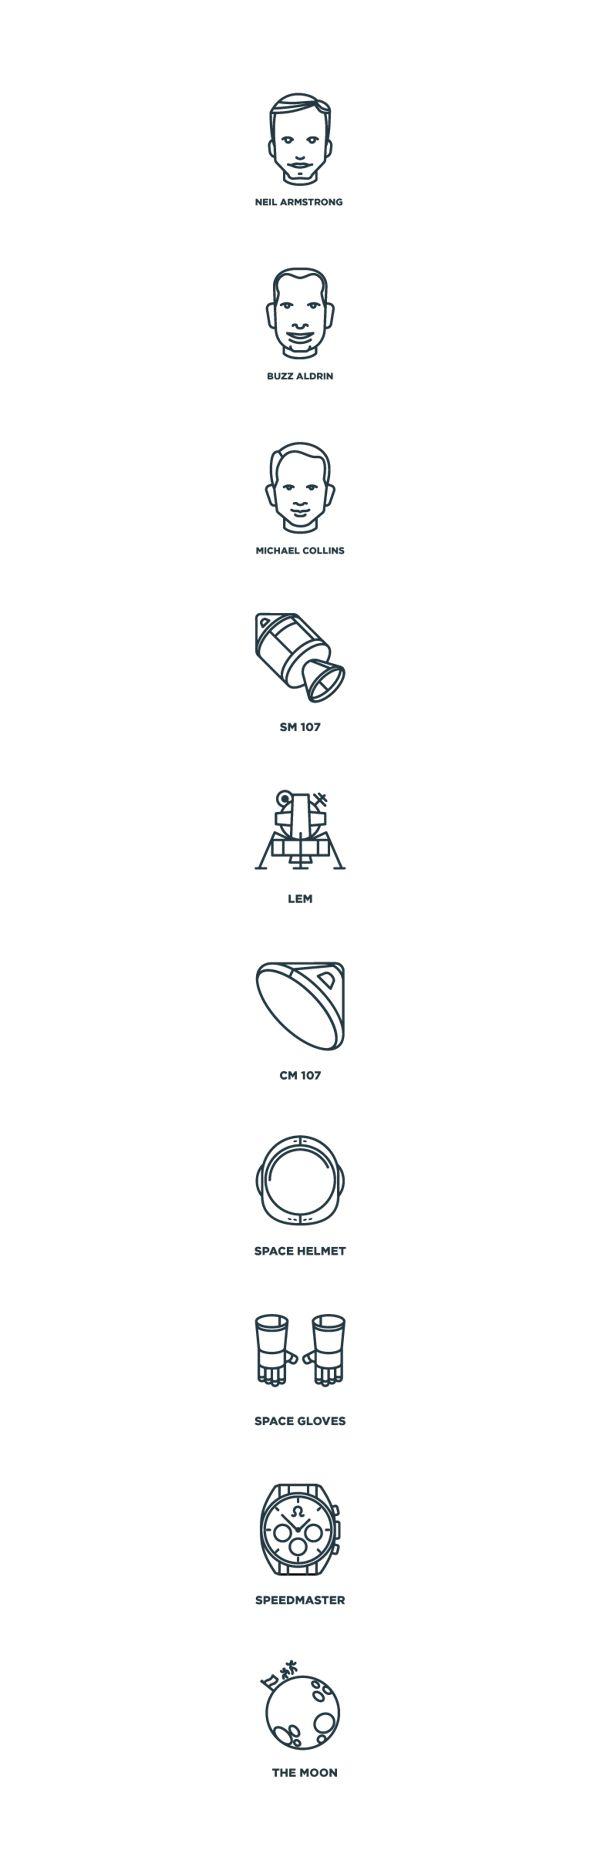 Apollo 11 Moon Landing Icon Set on Behance